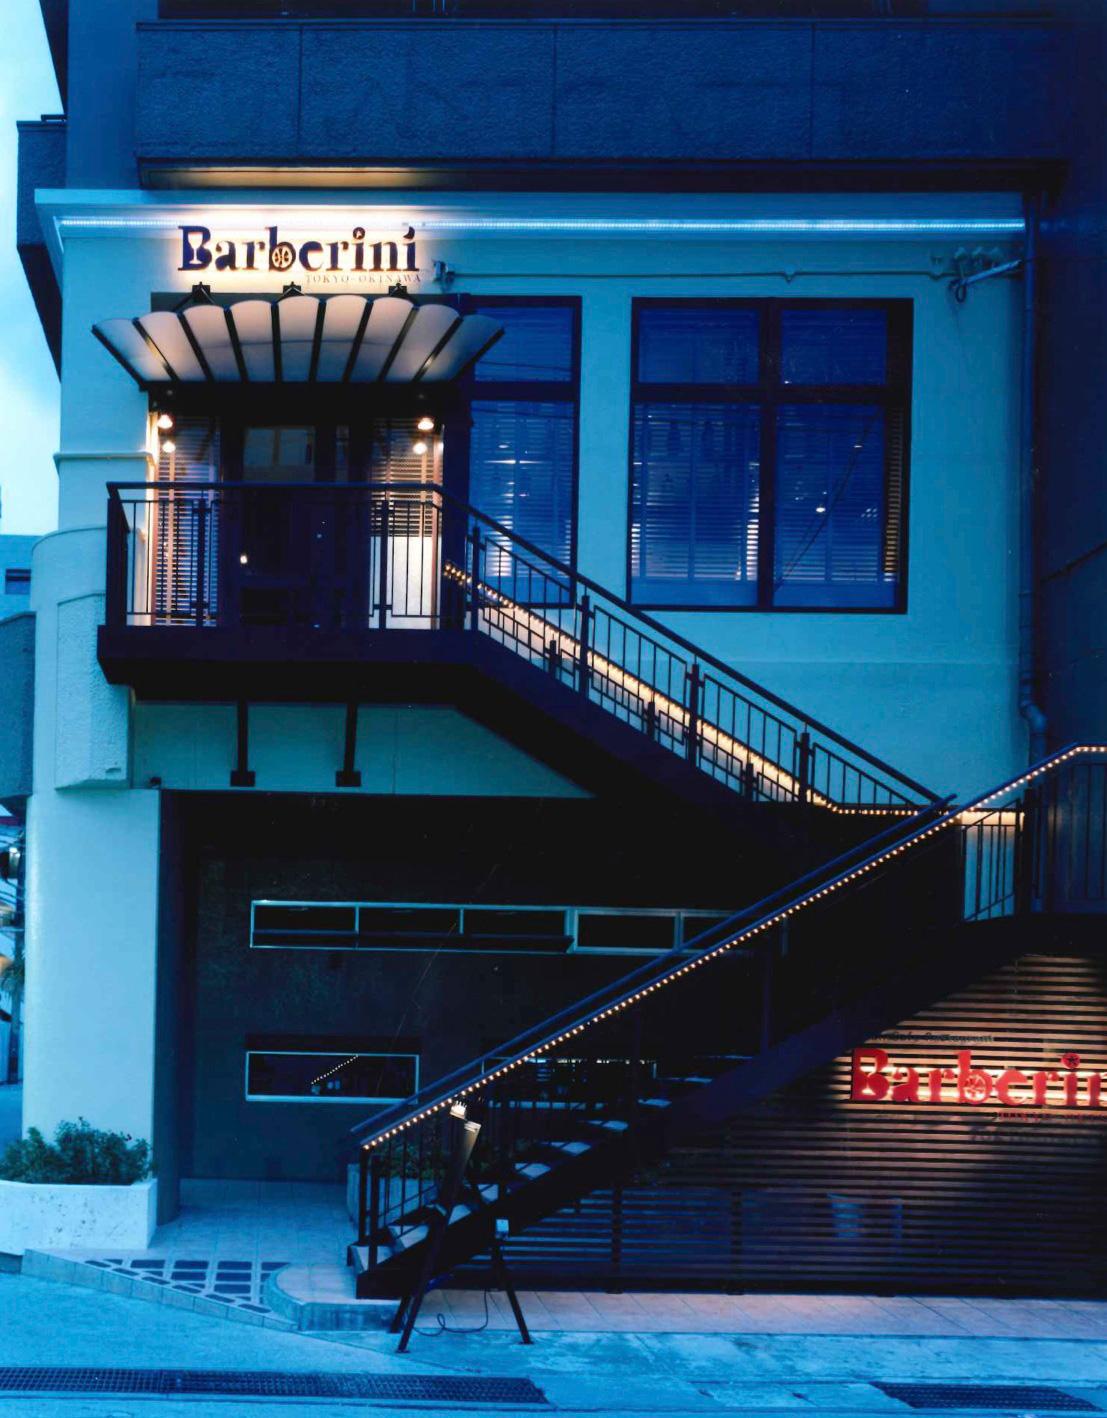 Barberini